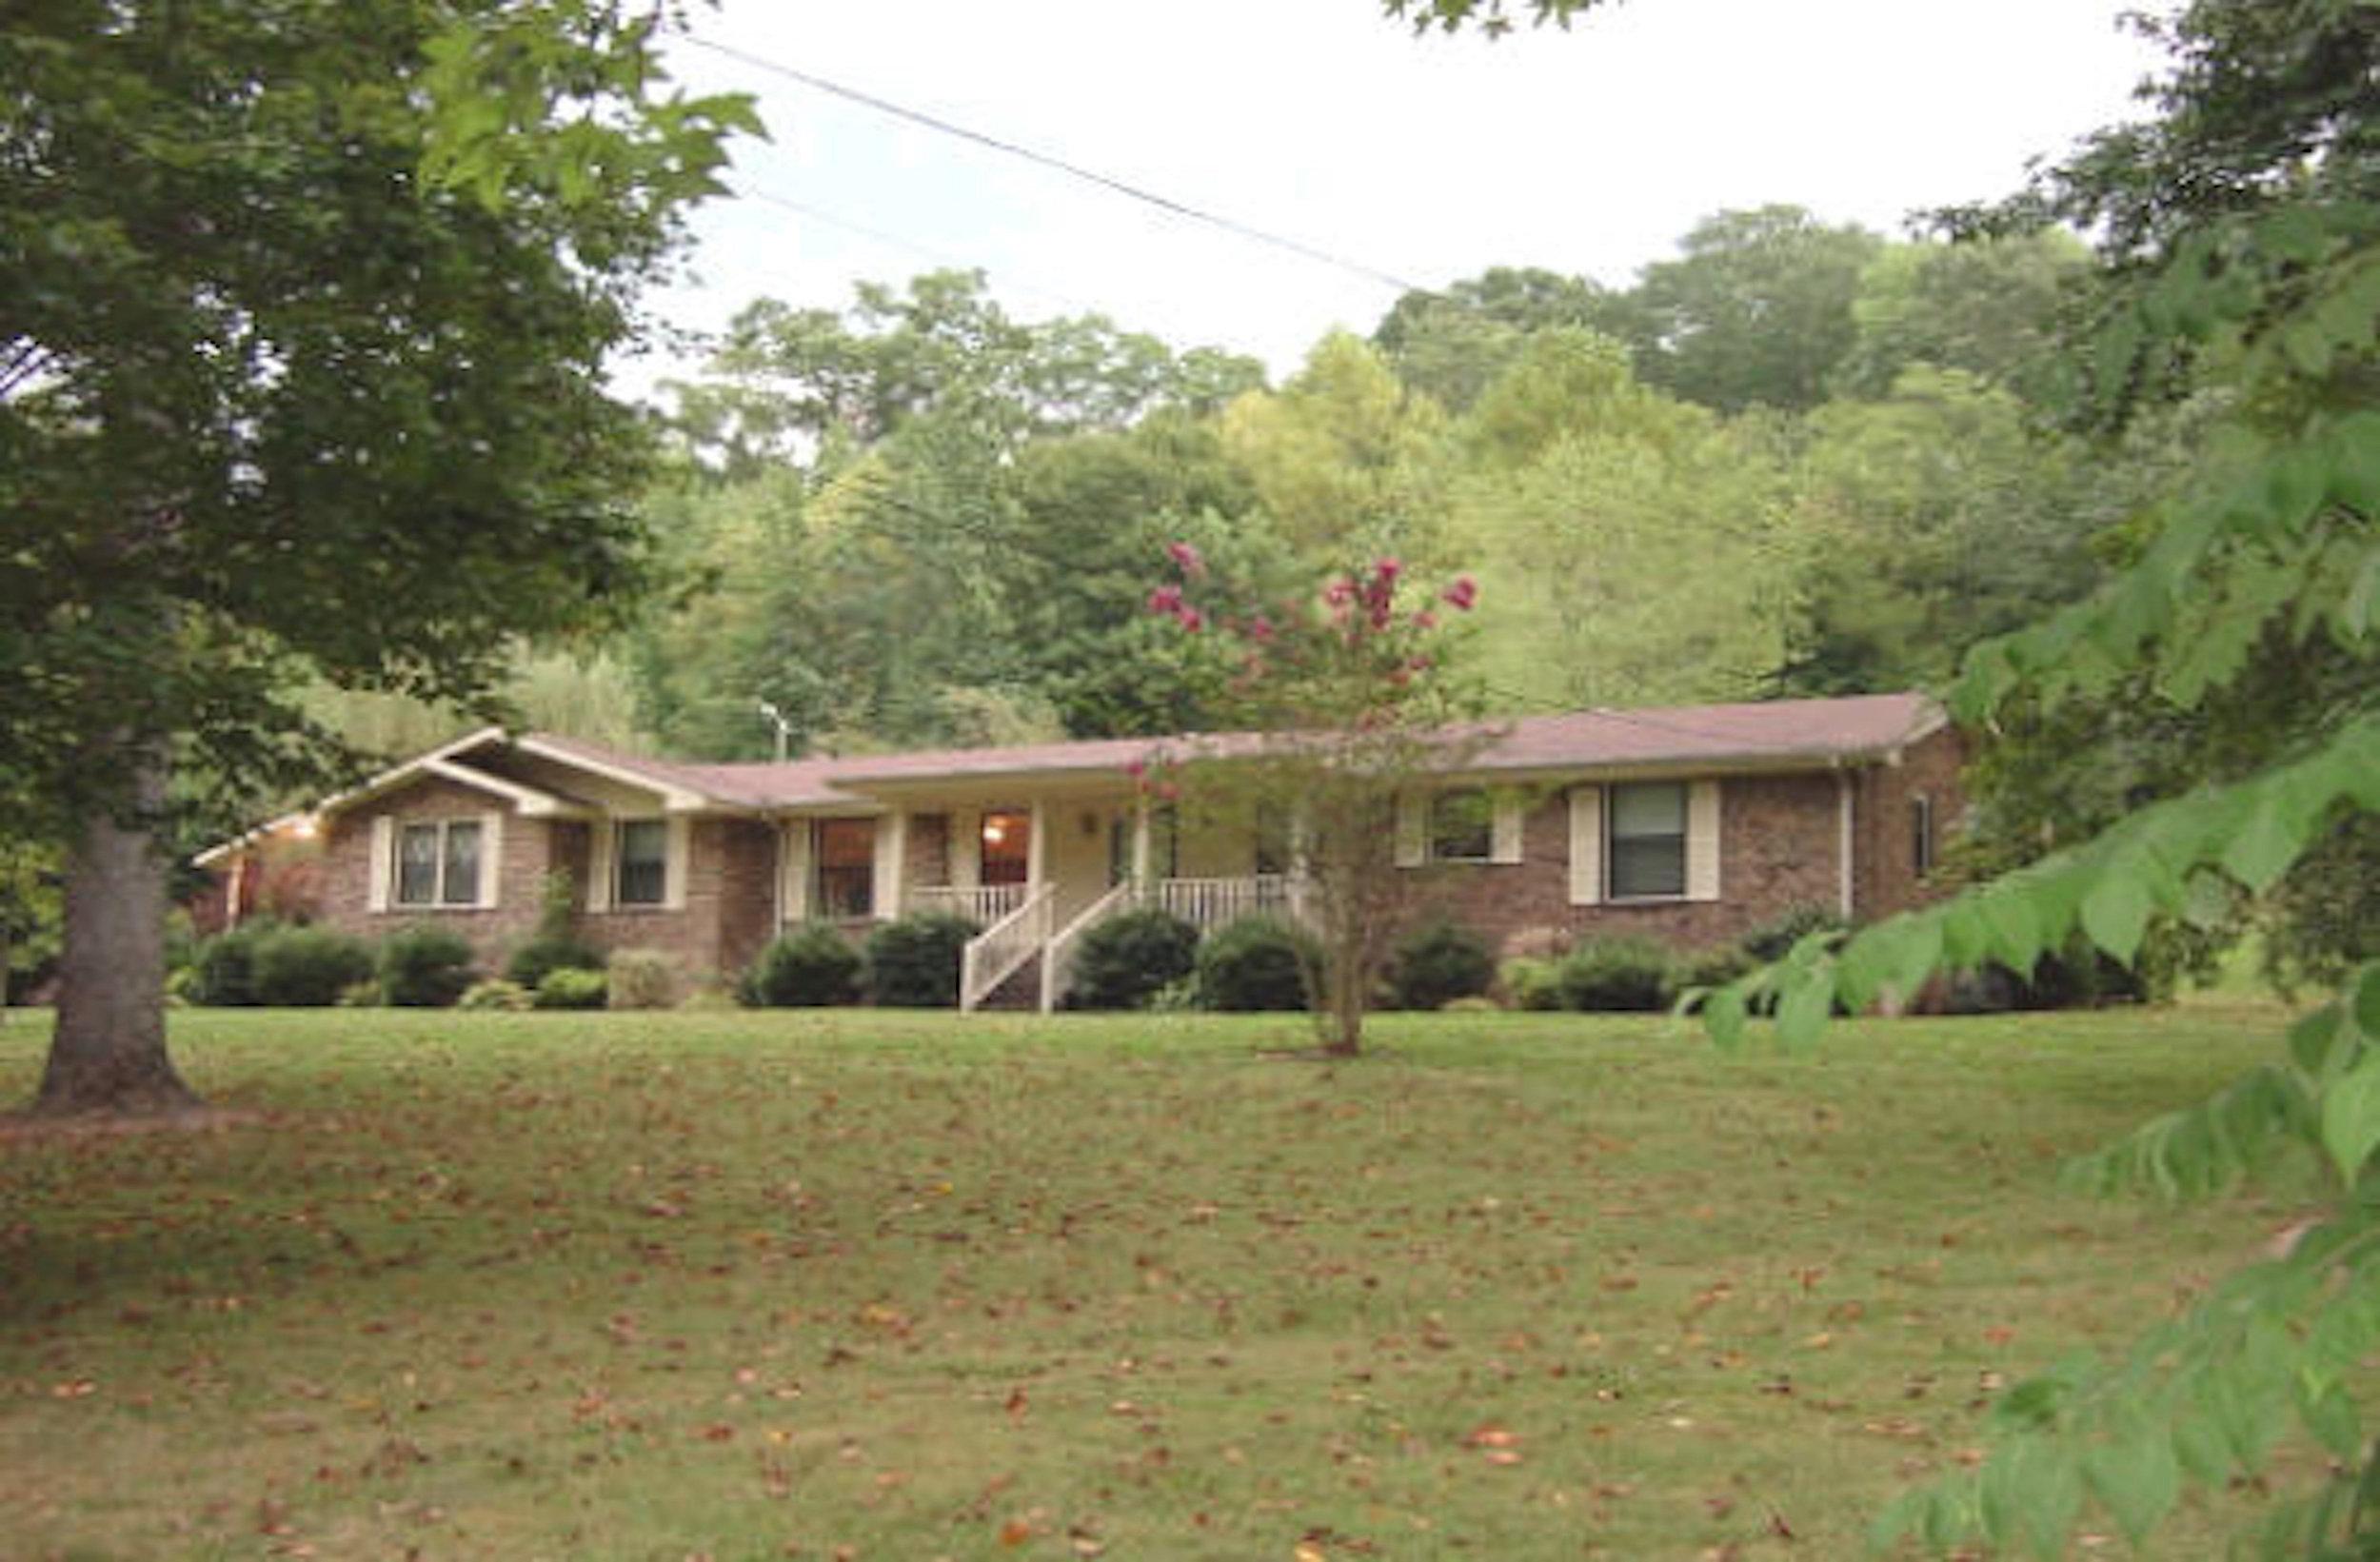 376 JUST RENTED GOODLETTSVILLE: 376 Hogans Br: House 3 Br, 2 Ba